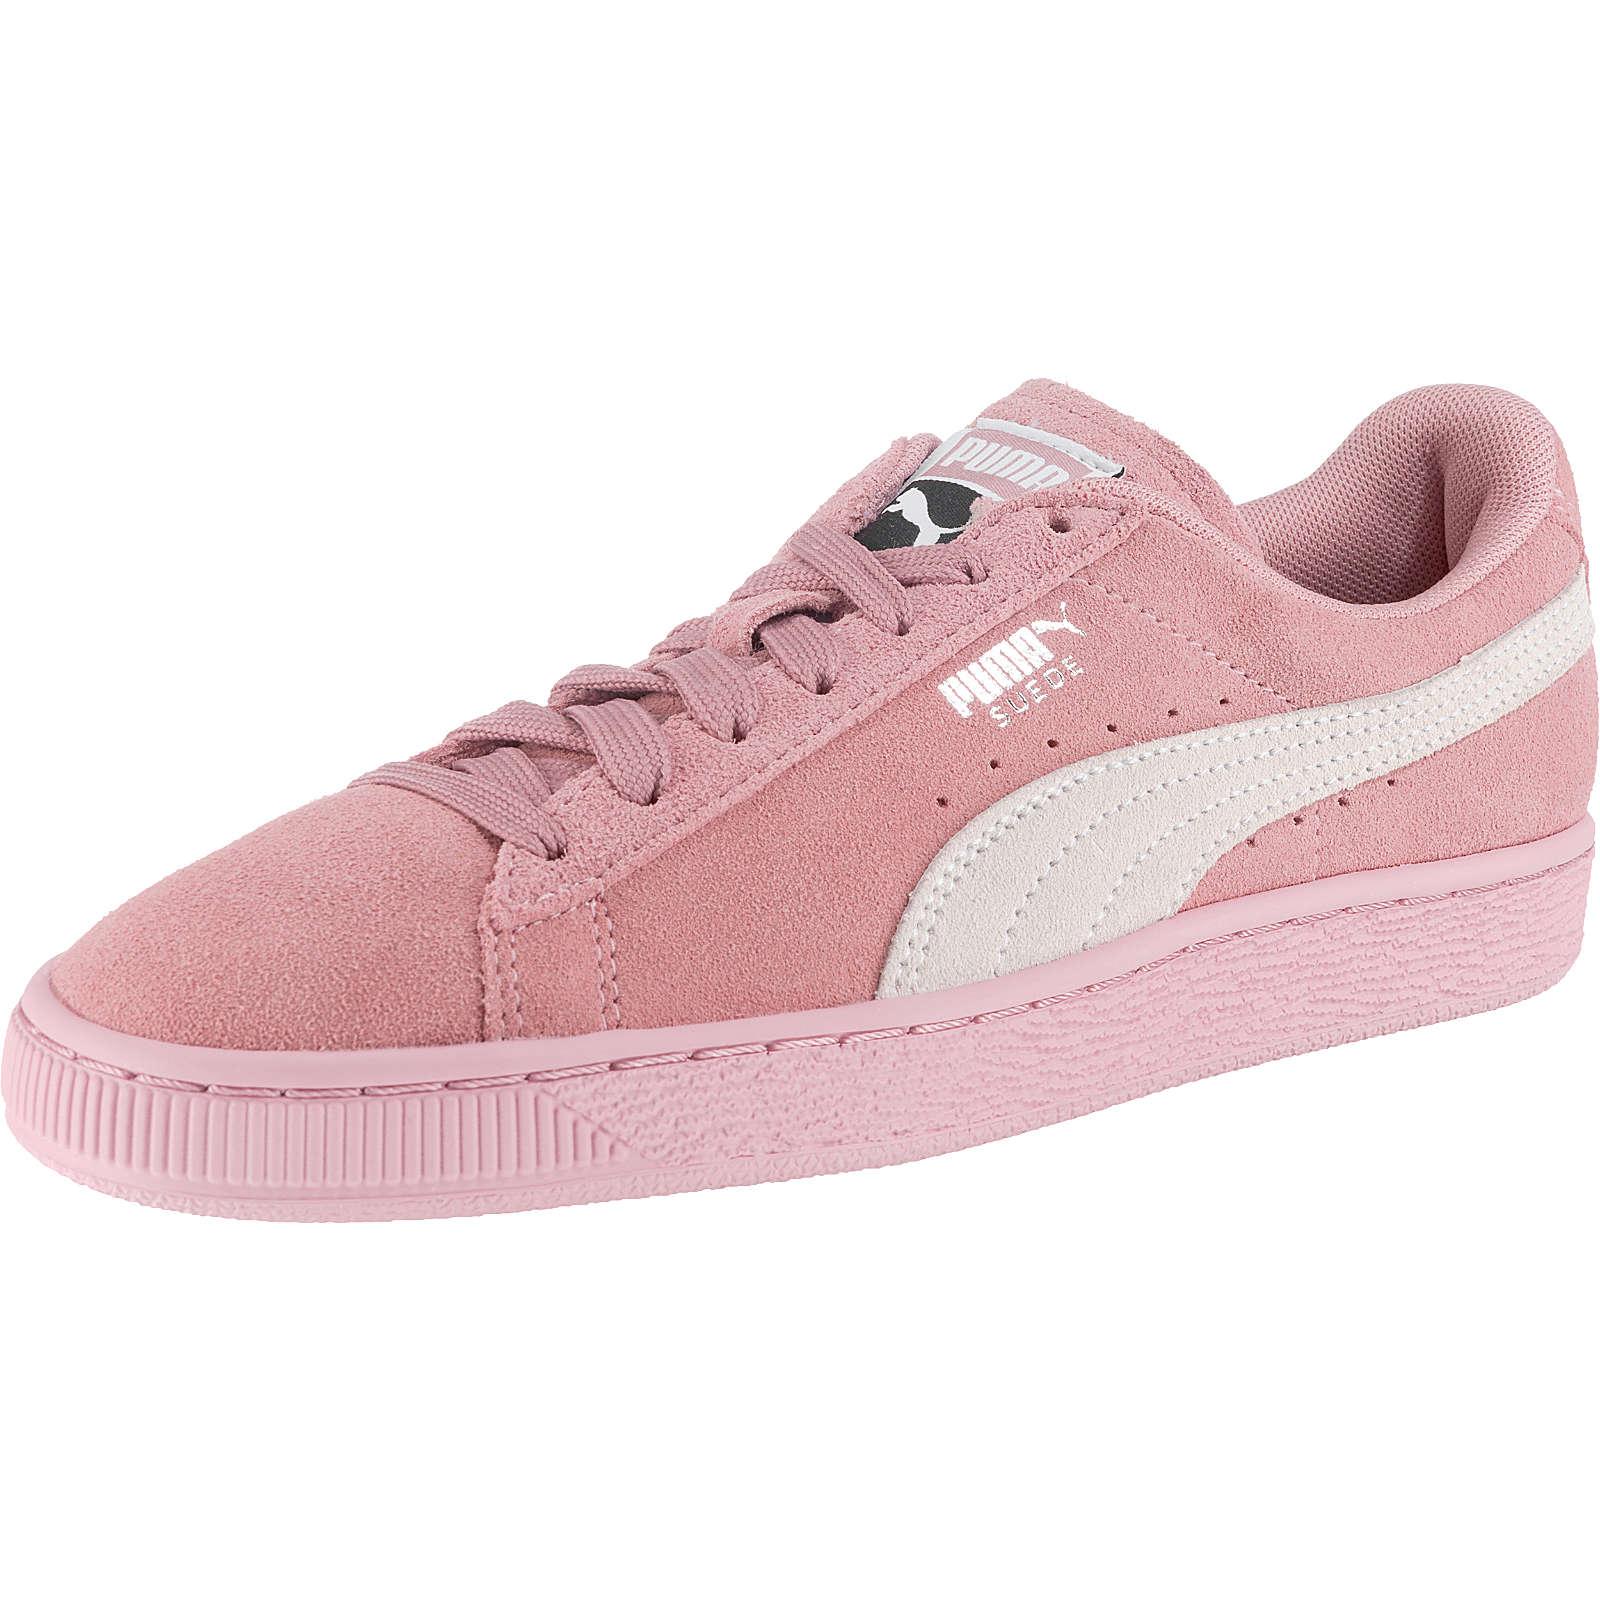 PUMA Suede Classic Sneakers rosa Damen Gr. 37